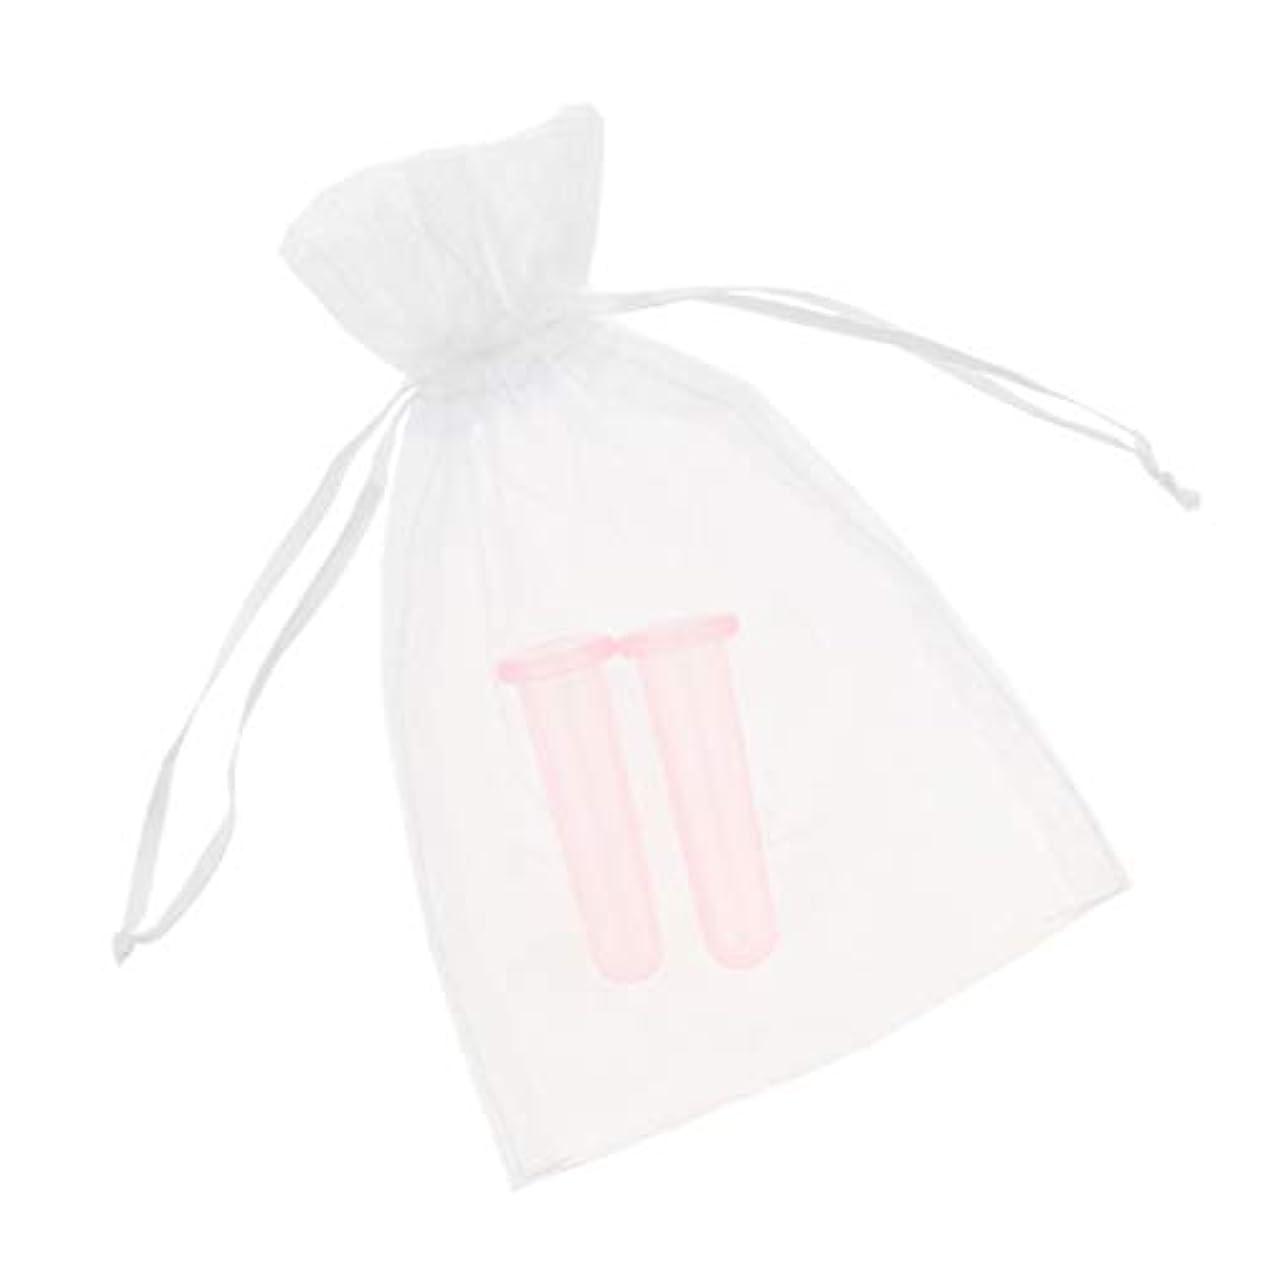 状況図書館コミュニティFLAMEER 2個 真空顔用 シリコーン マッサージカップ 吸い玉 マッサージ カッピング 収納ポーチ付き 全2色 - ピンク